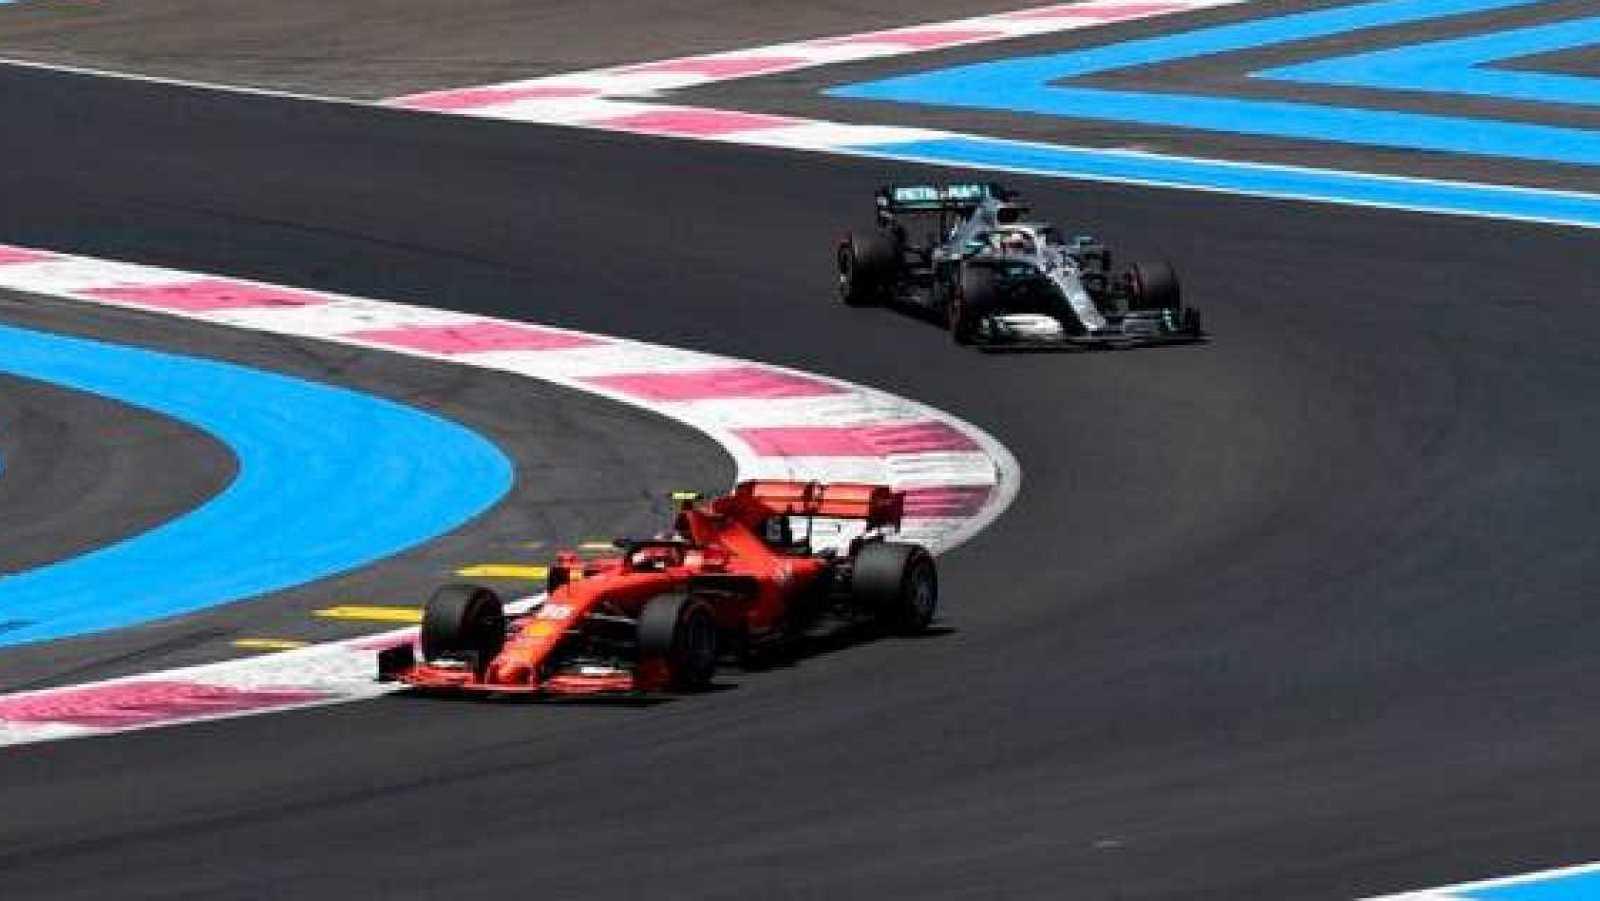 El Mundial de Fórmula 1 podría arrancar el 5 de julio en Austria